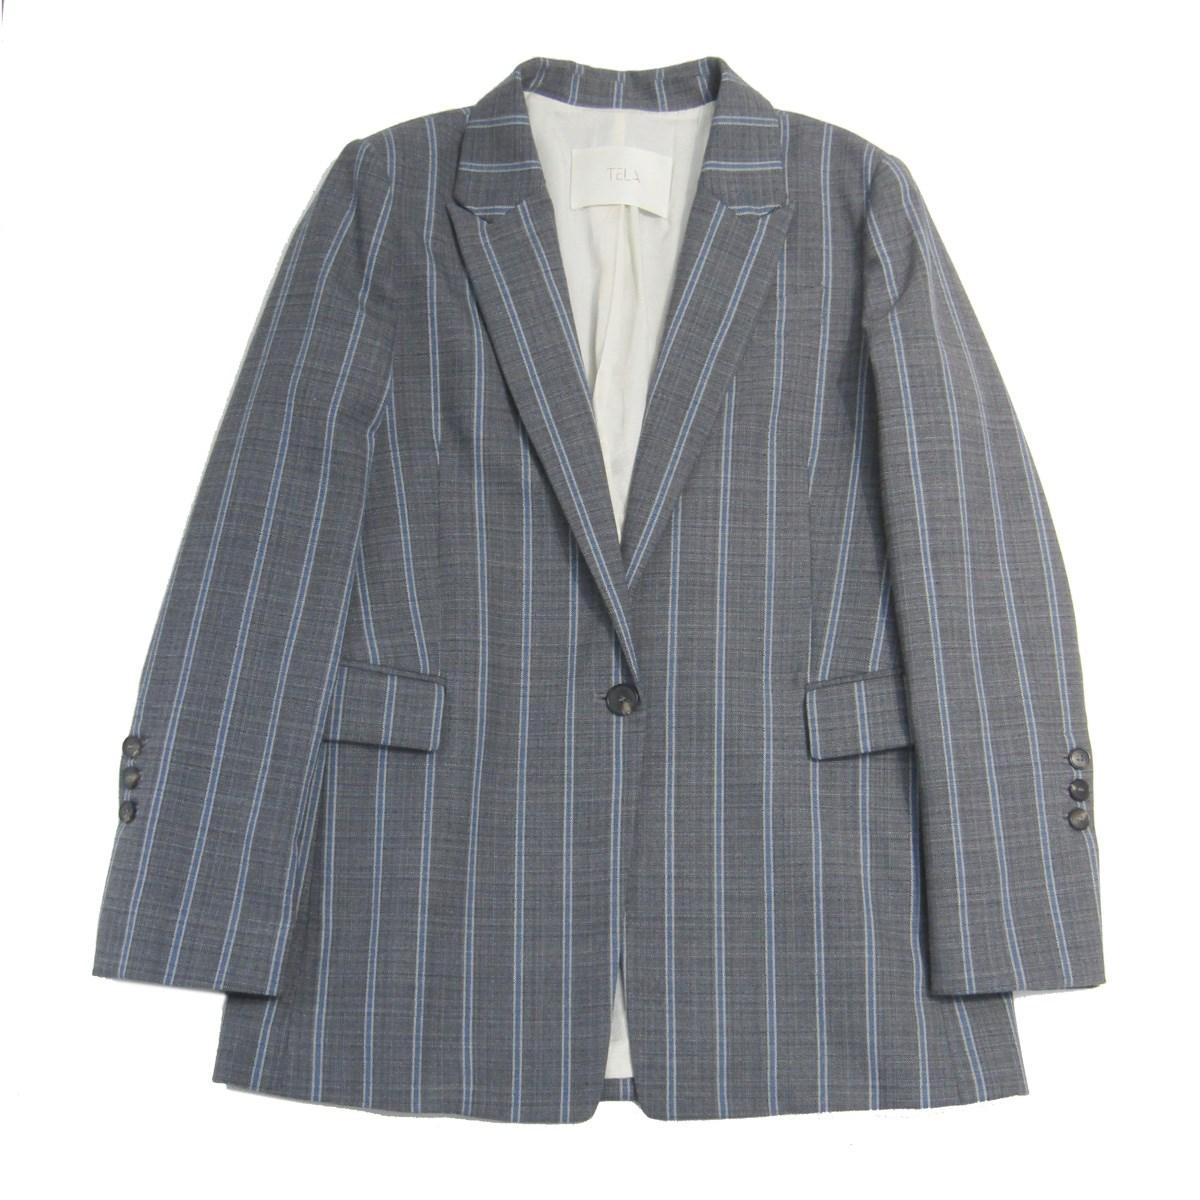 【中古】TELAウール混ストライプチェックテーラードジャケット グレー サイズ:44 【8月31日見直し】